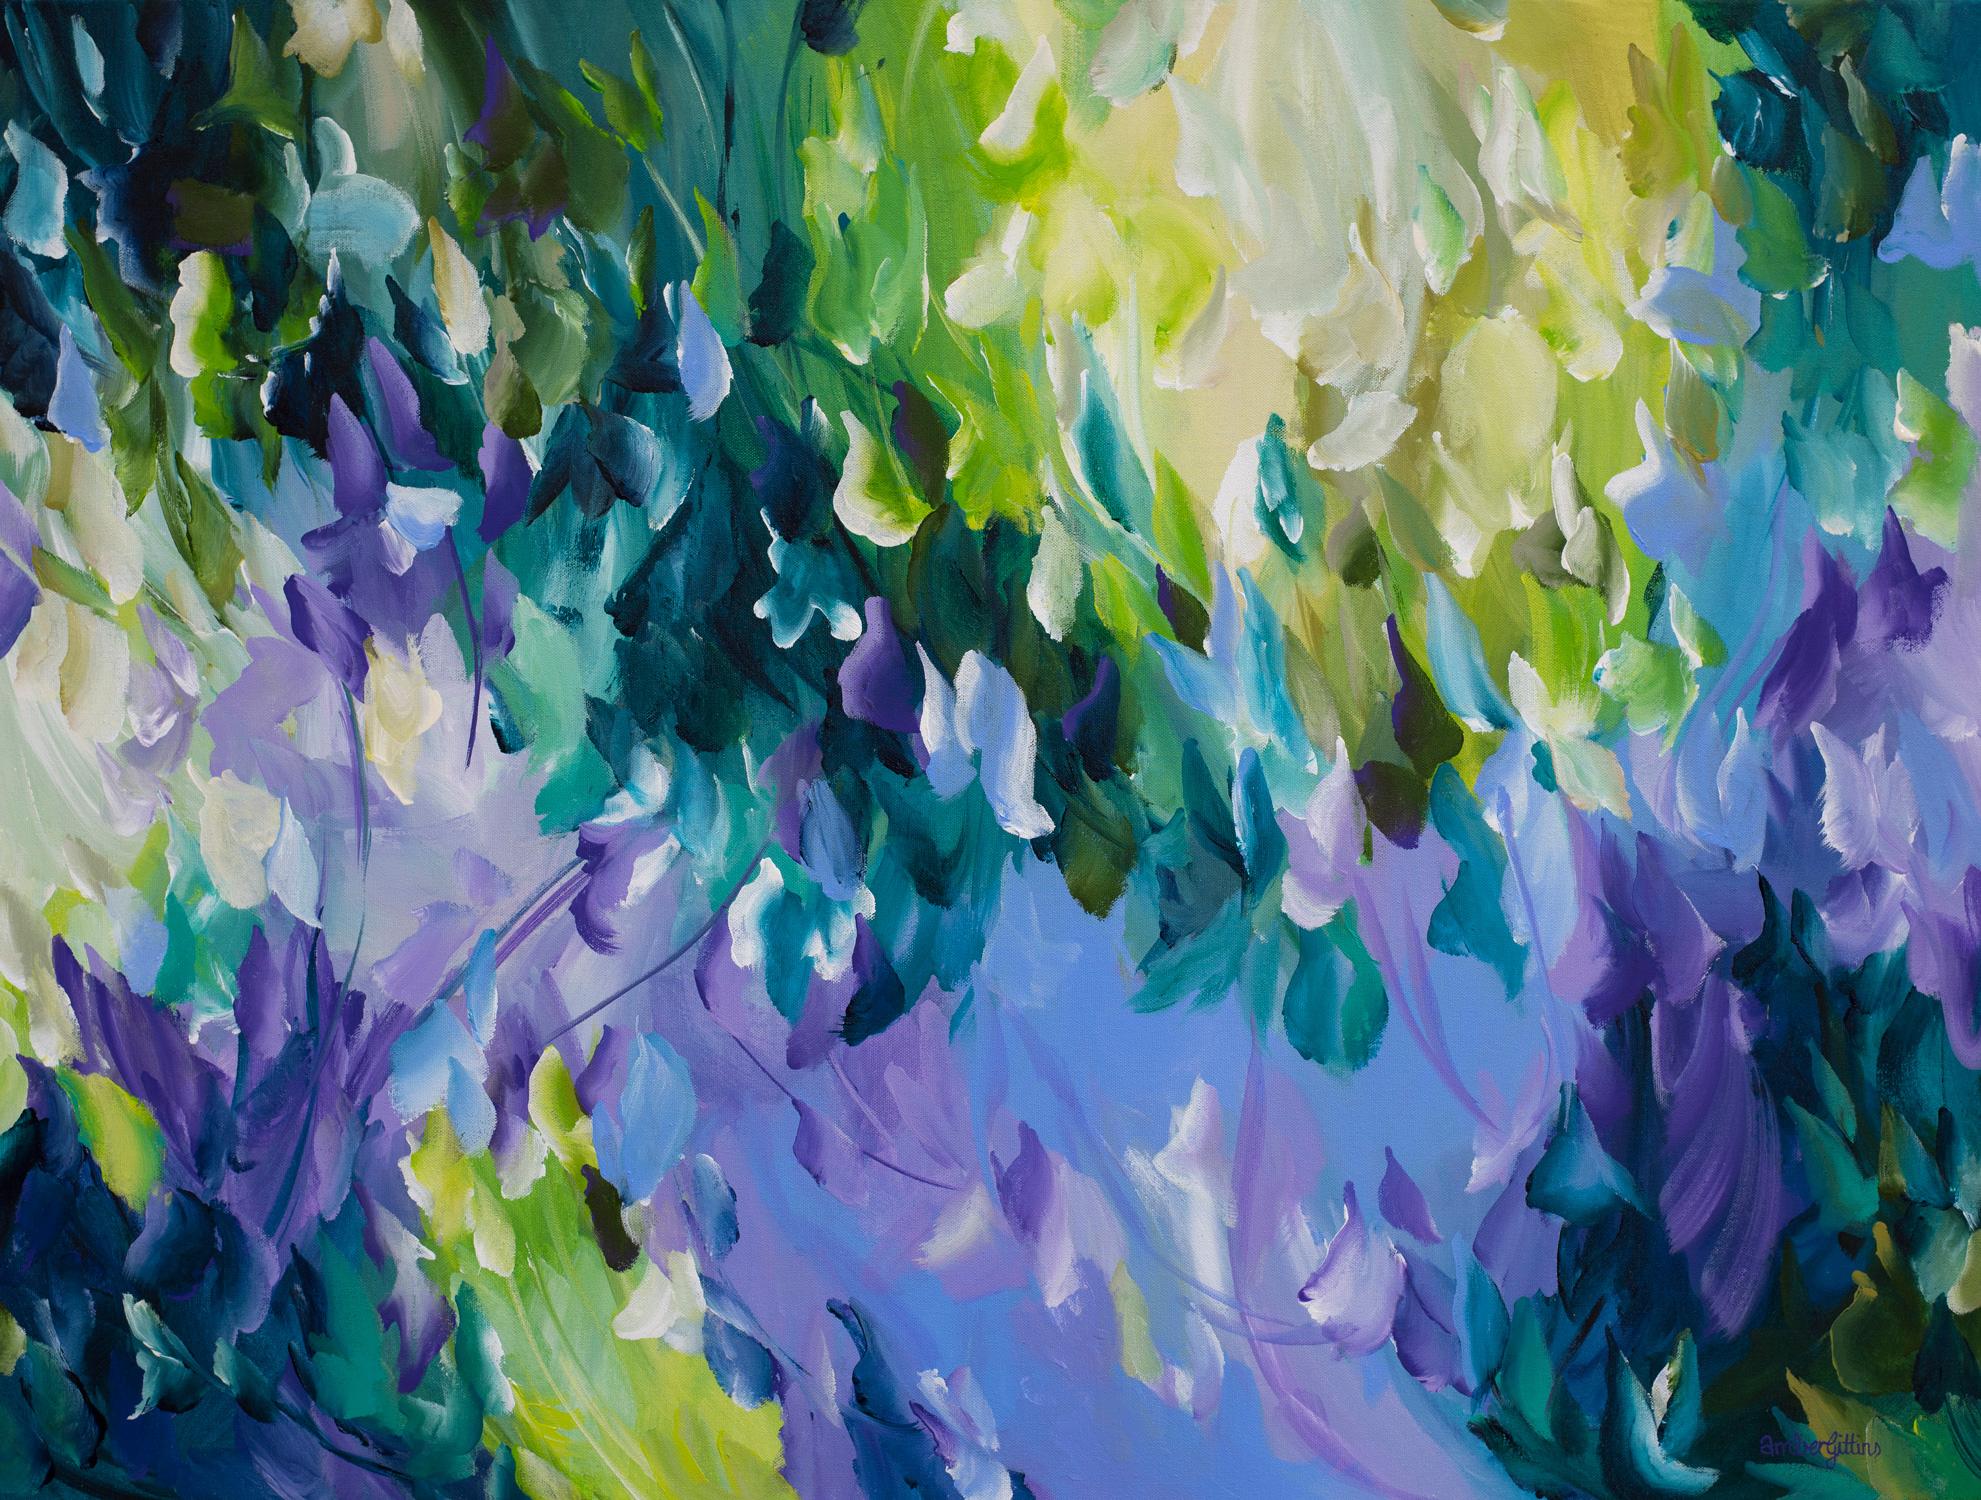 Jungle Fever By Amber Gittins